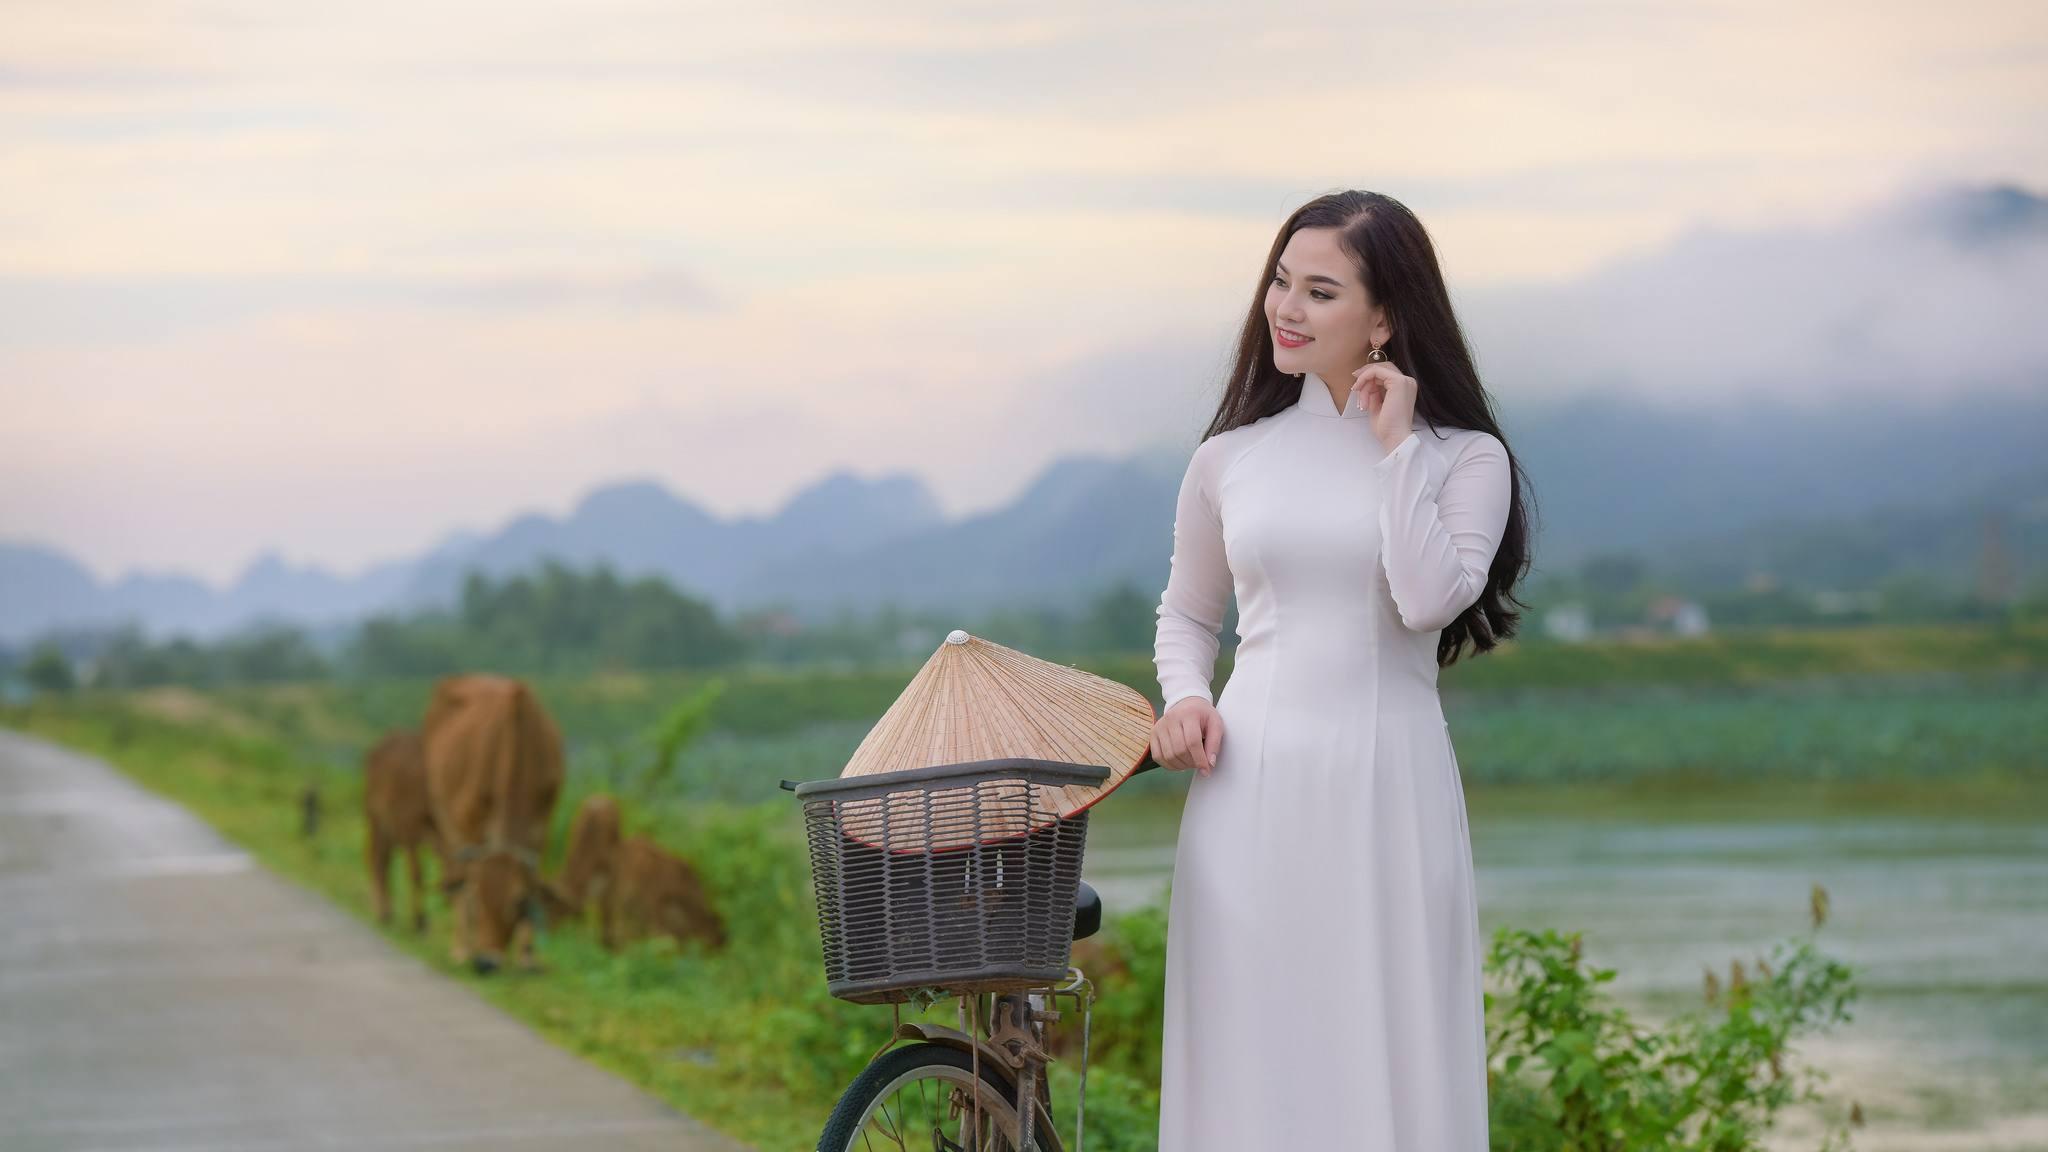 越南姑娘长得很漂亮,却专为男游客设甜蜜陷阱,很多男人都上当